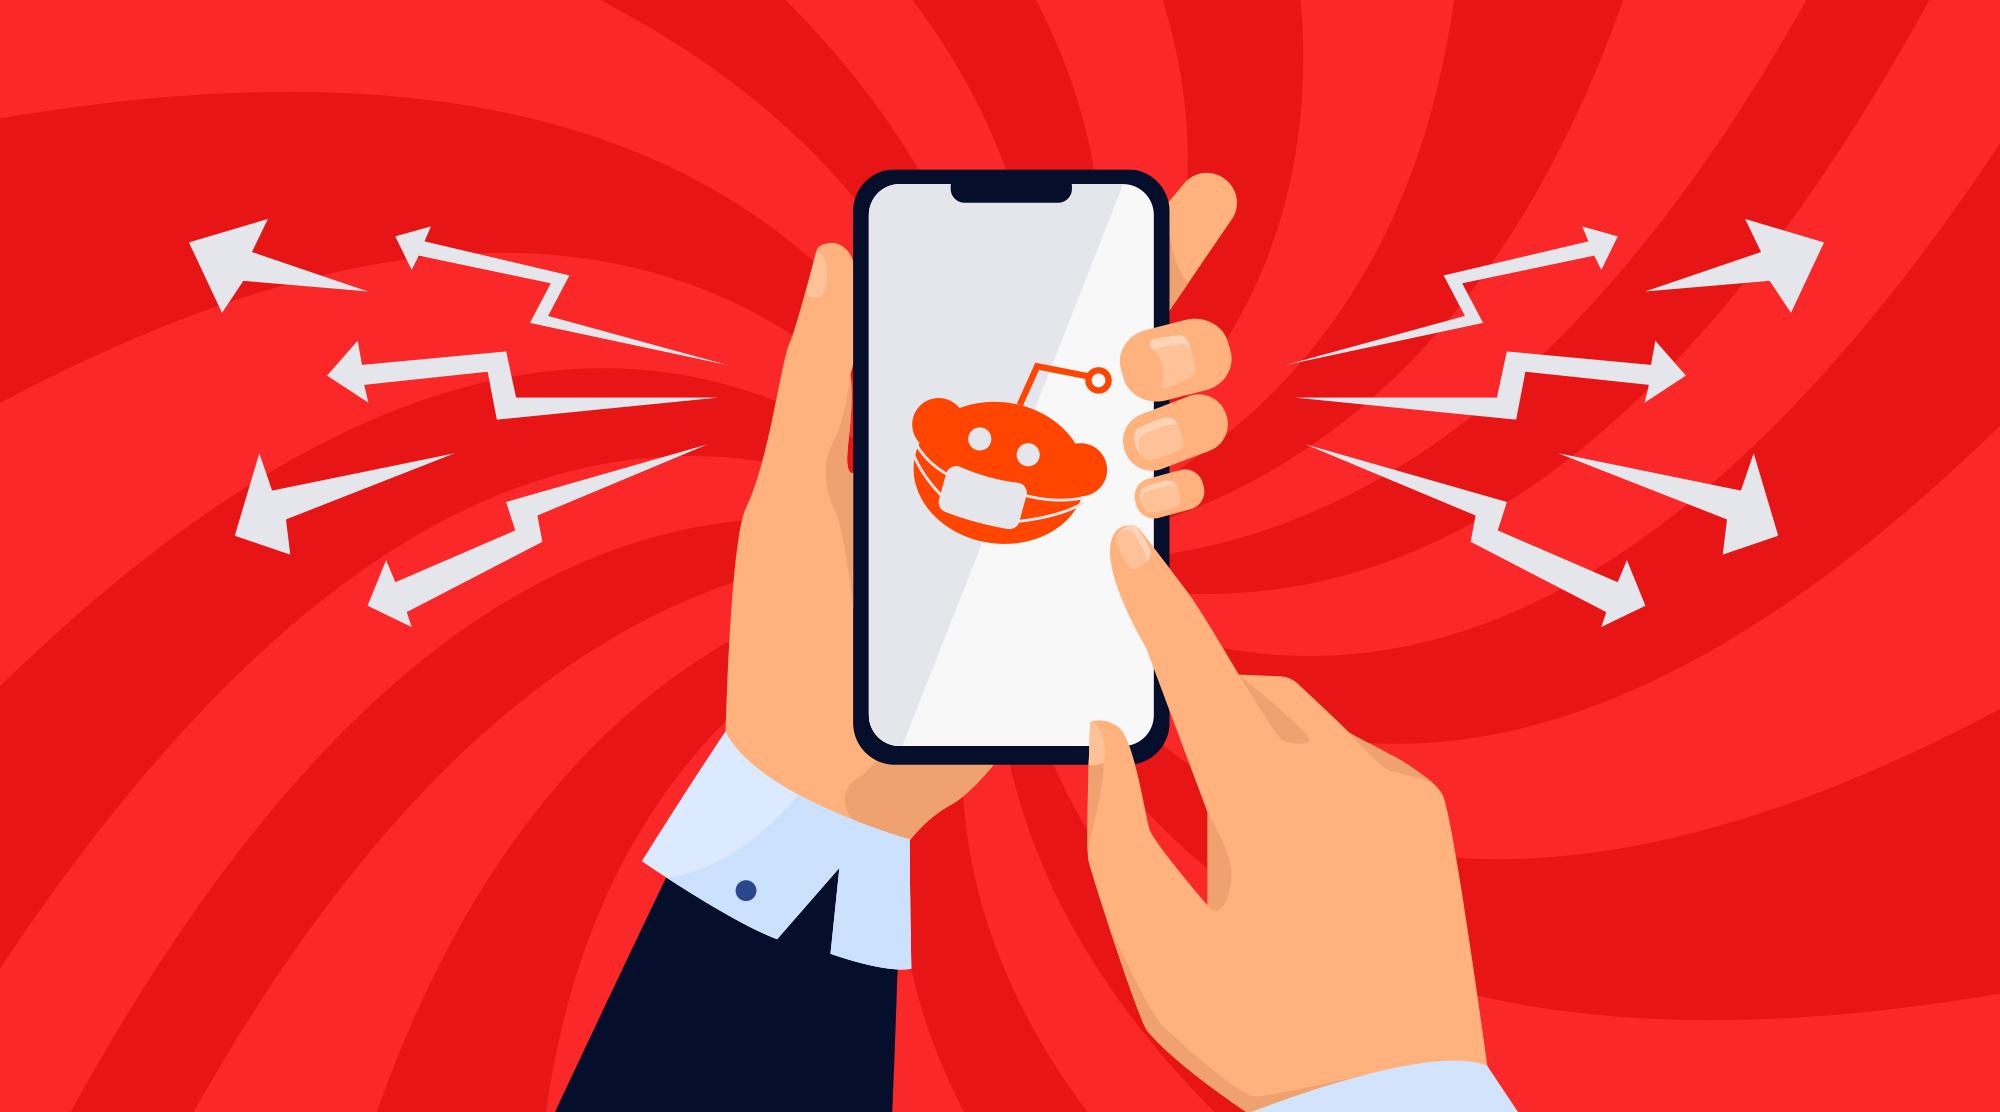 Reddit CEO Refuses To Remove COVID Misinfo